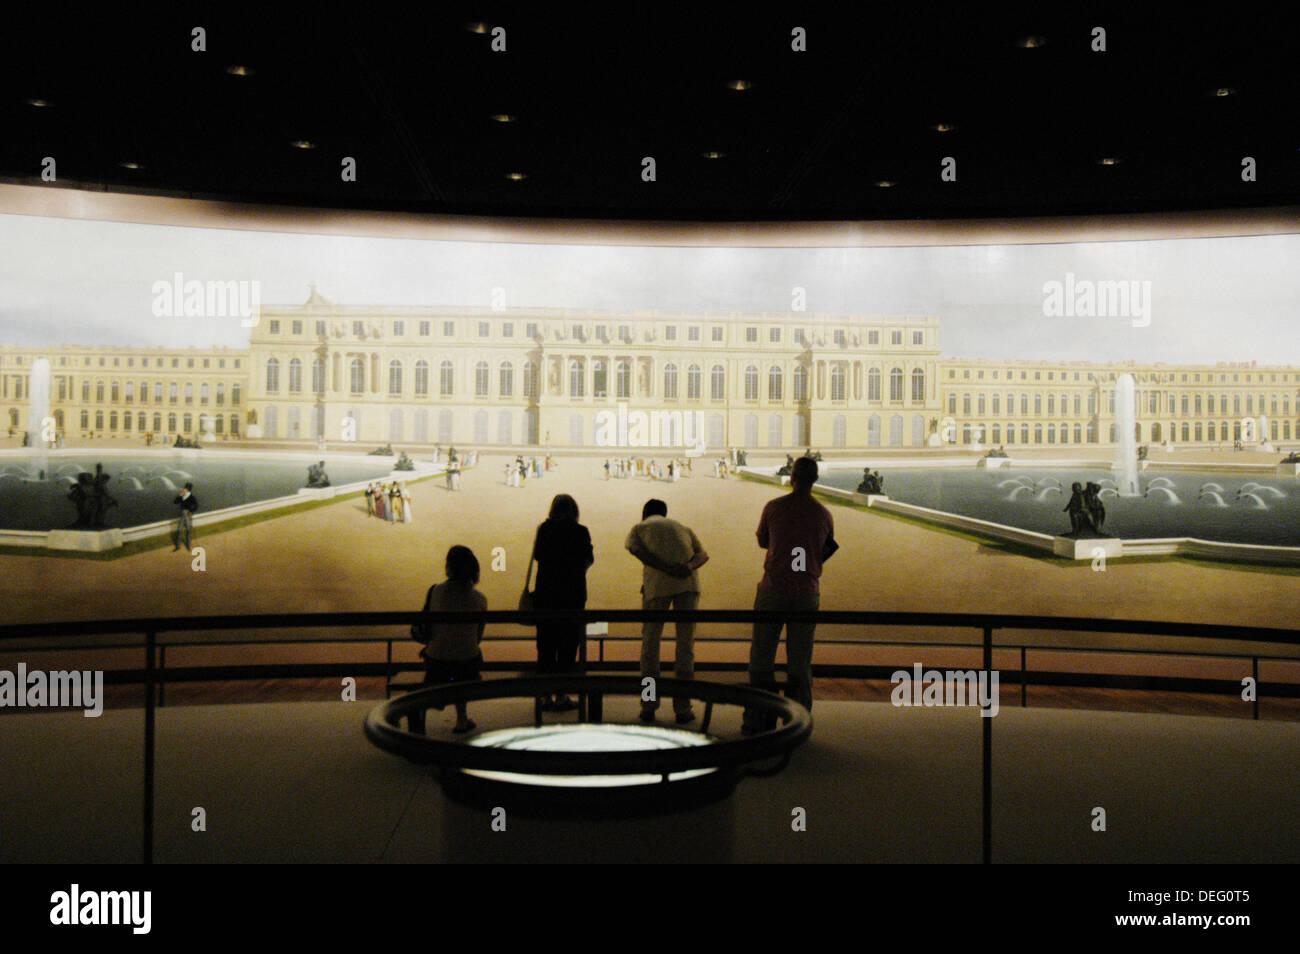 Touristen auf der Suche im Panoramabild von Versailles. Metropolitan Museum of Art. New York City. New York. USA Stockbild